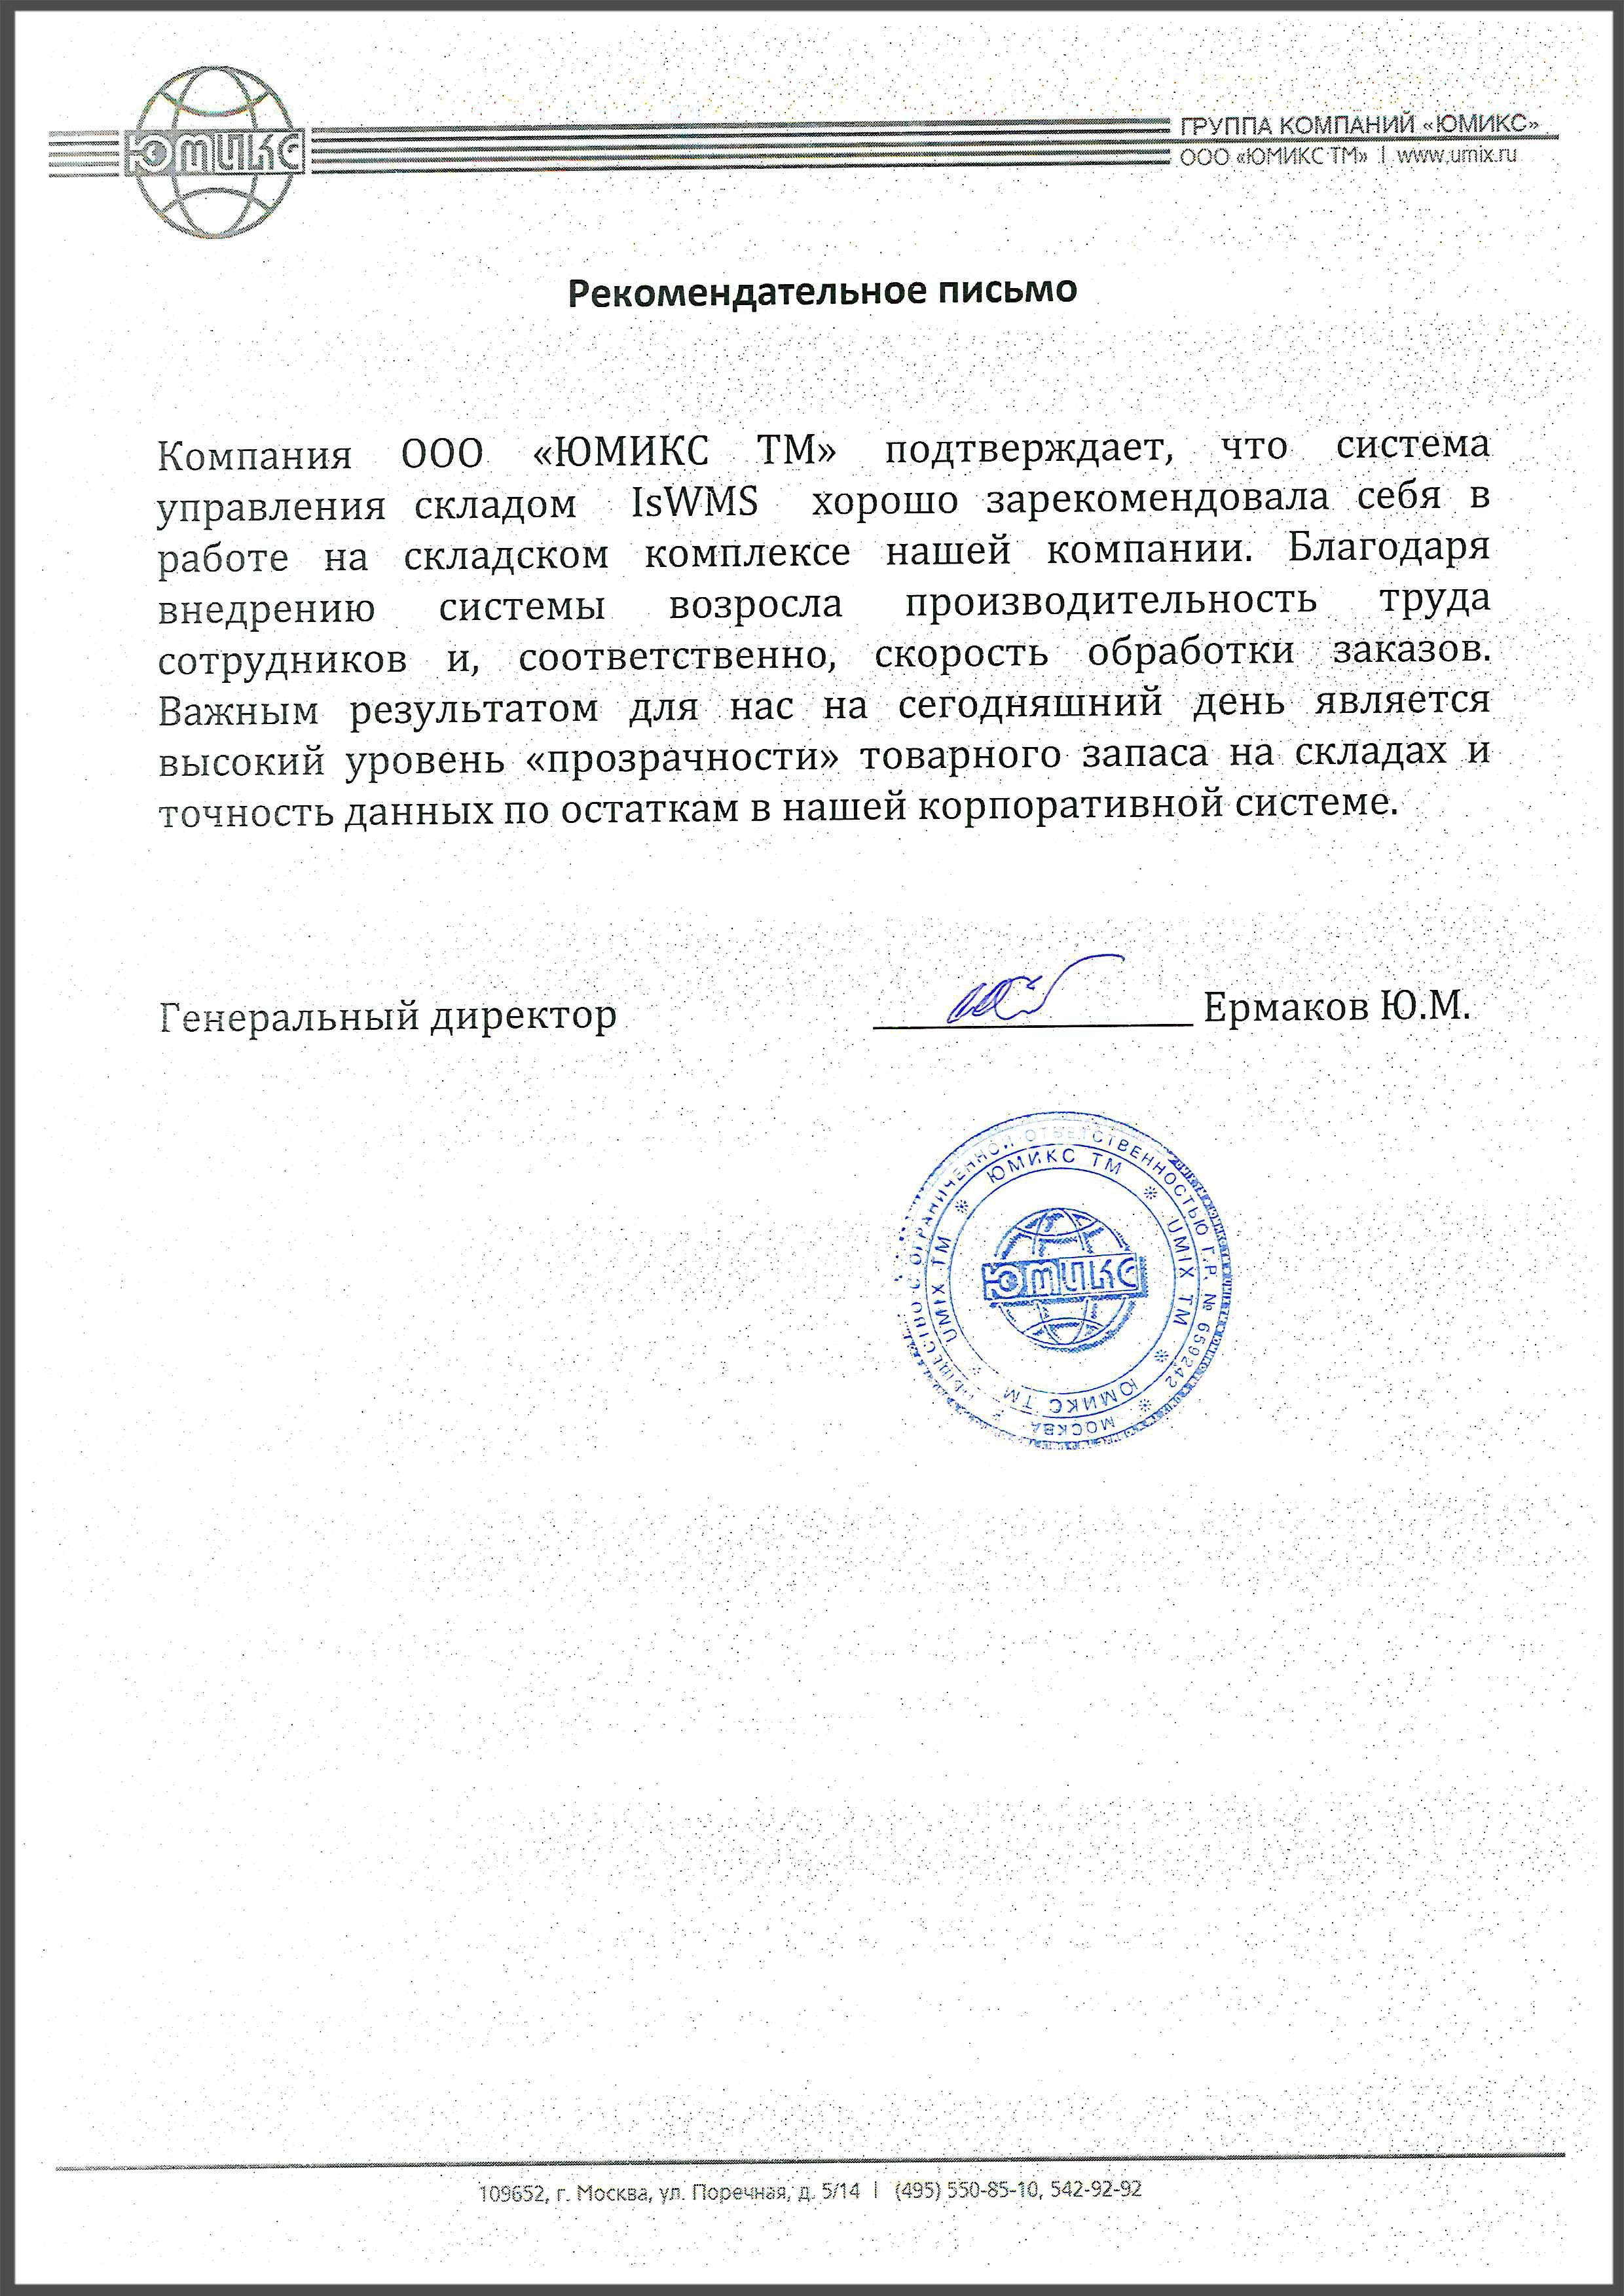 Рекомендательное письмо ООО Юмикс ТМ